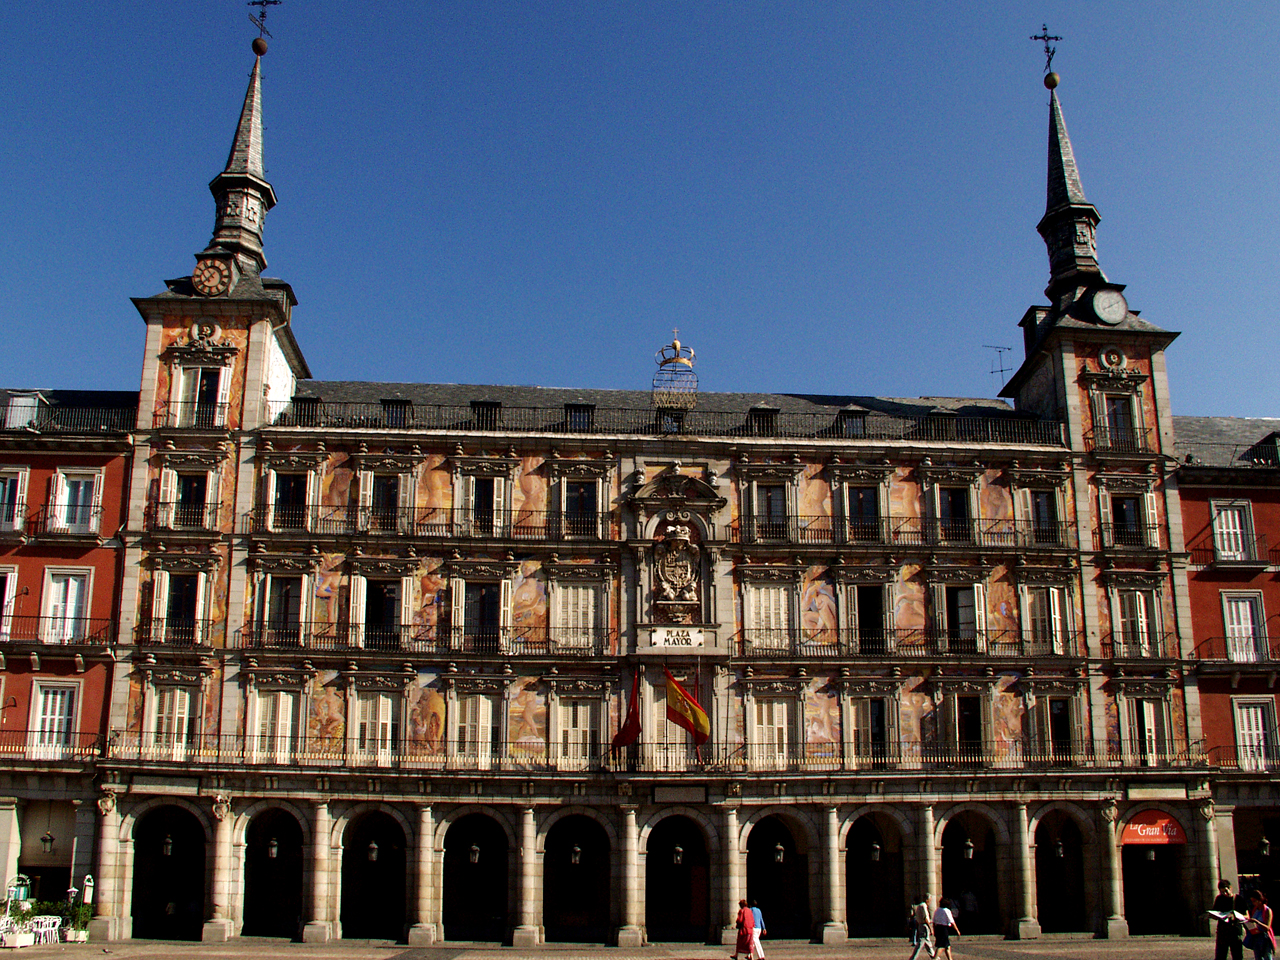 Casa de la panader a galer a de im genes ayuntamiento for La casa de granada en madrid